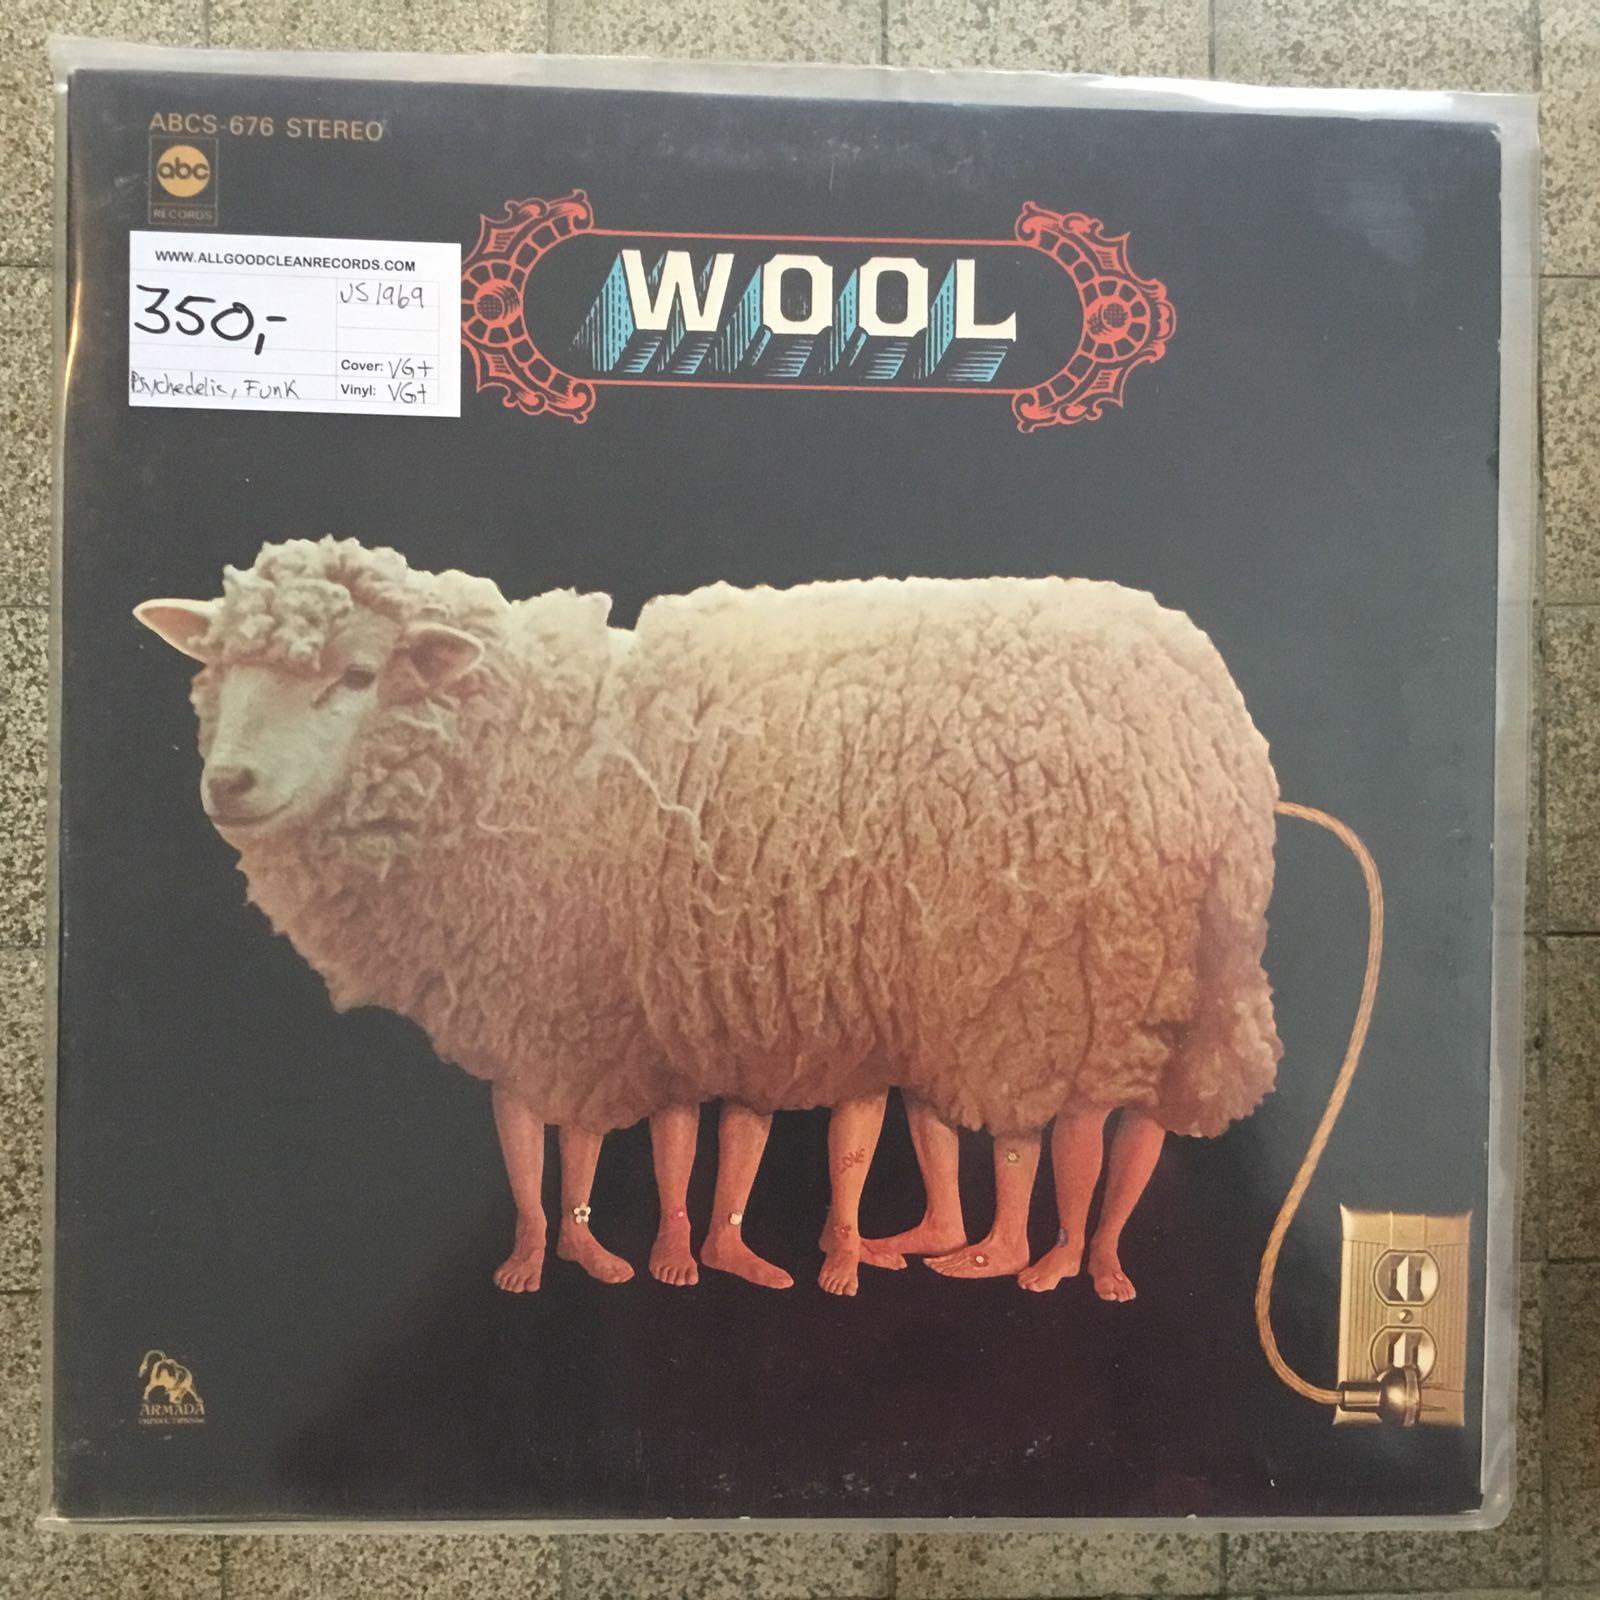 Wool – Wool [LP] (2. hand)